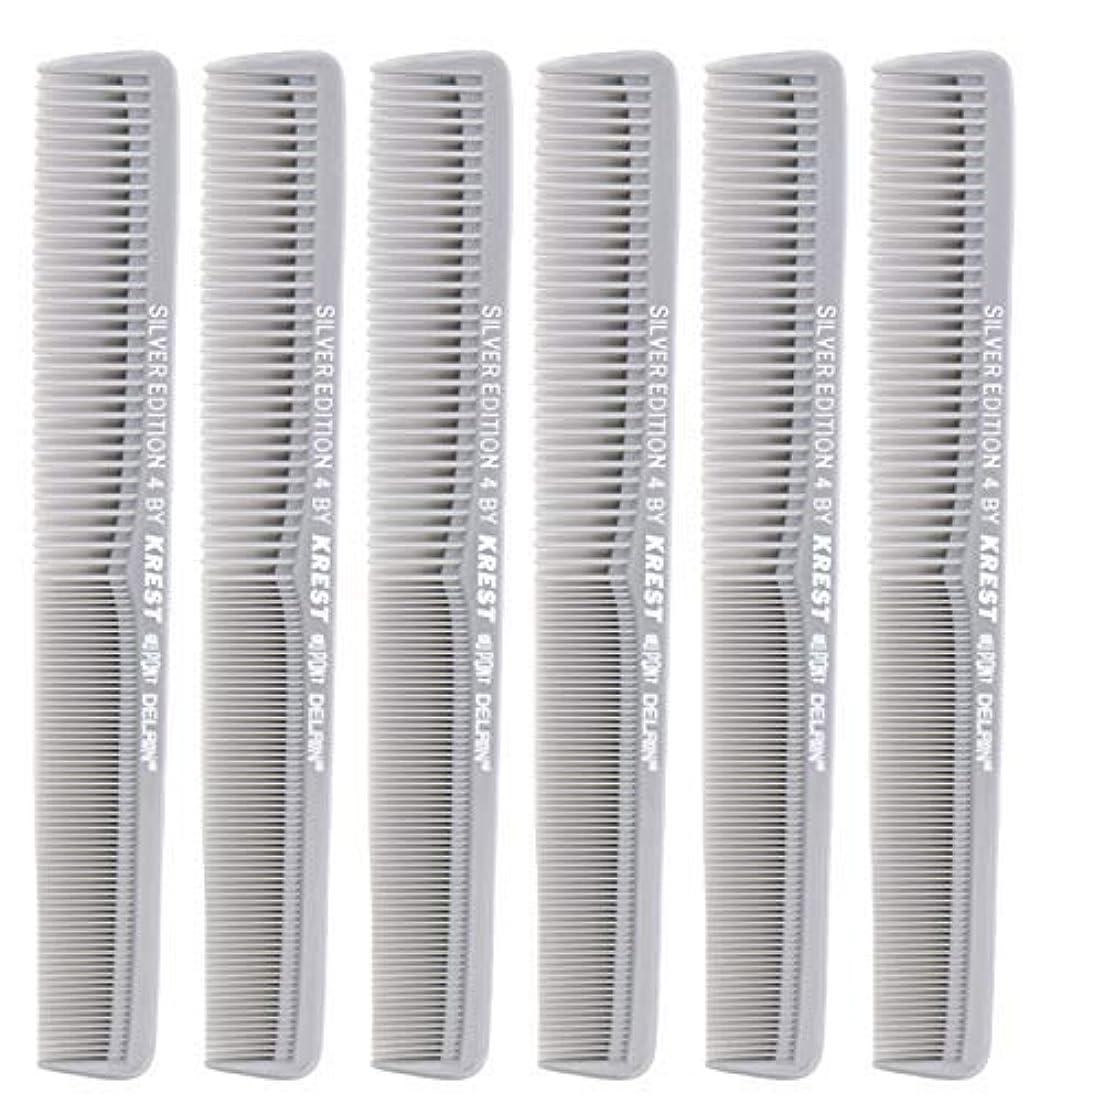 酔ったコック驚かす7 In. Silver Edition Heat Resistant All Purpose Hair Comb Model #4 Krest Comb, [並行輸入品]